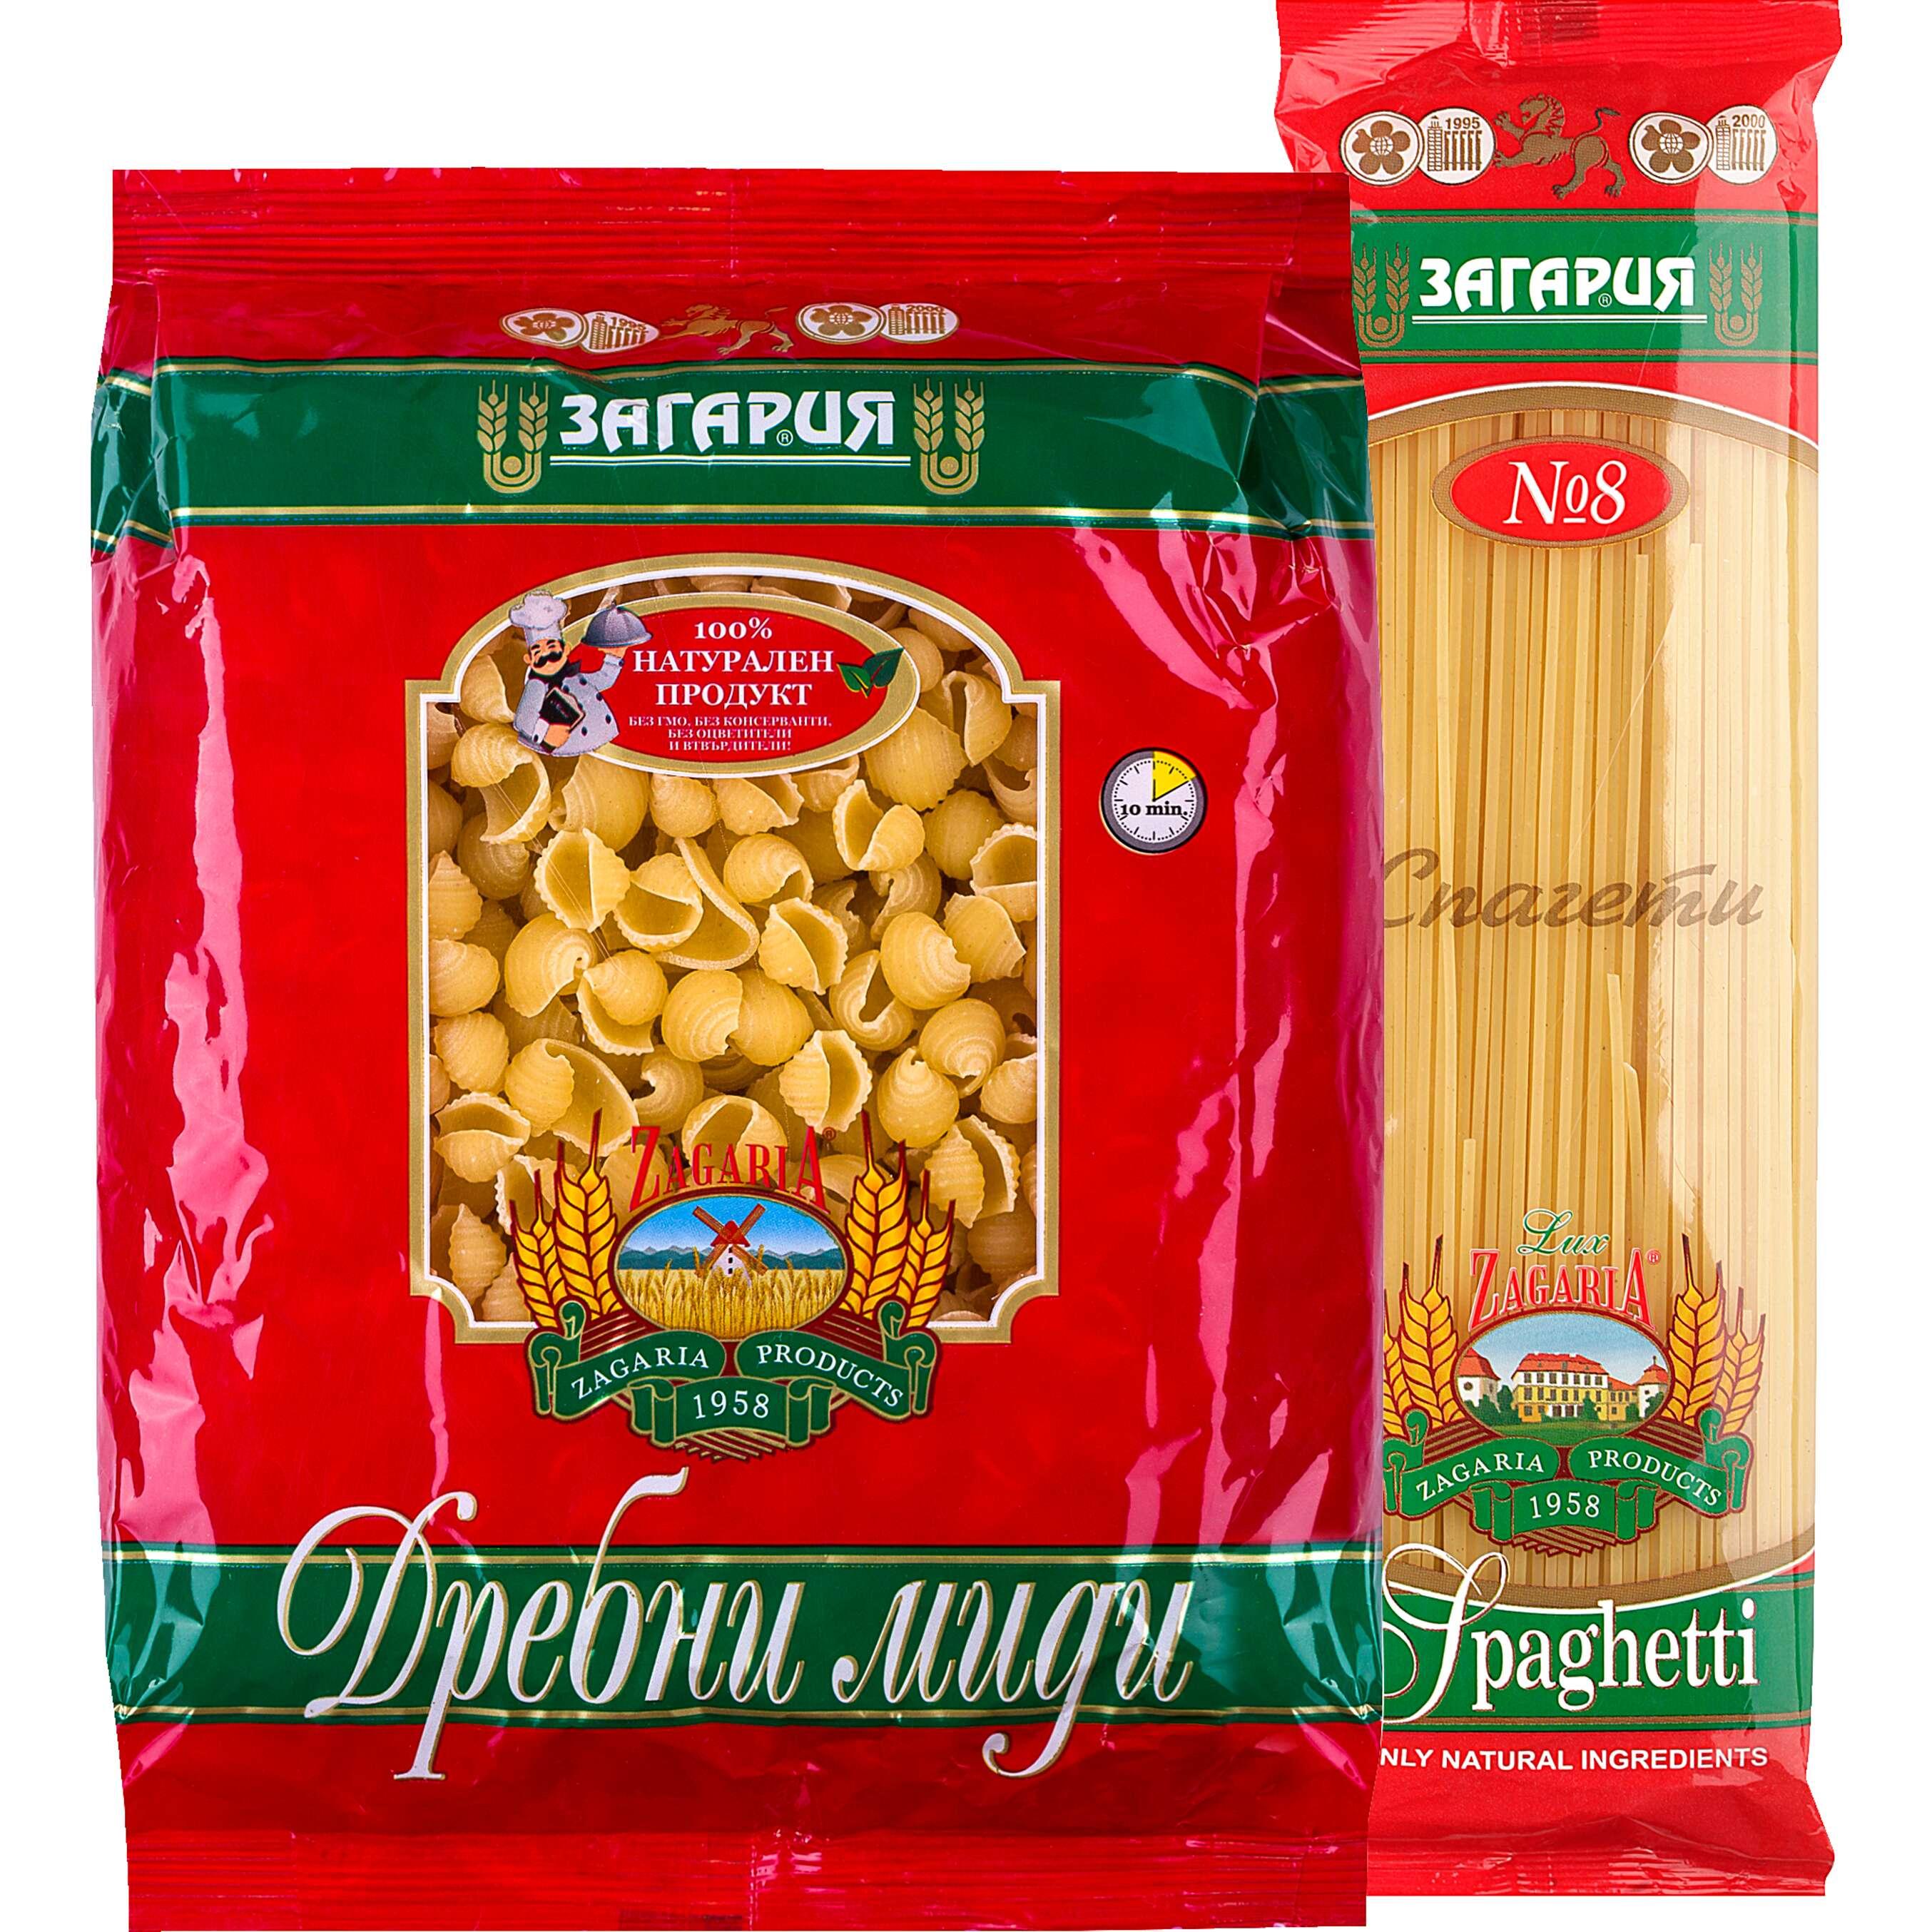 Изображение за продукта Загария Макаронени изделия различни видове